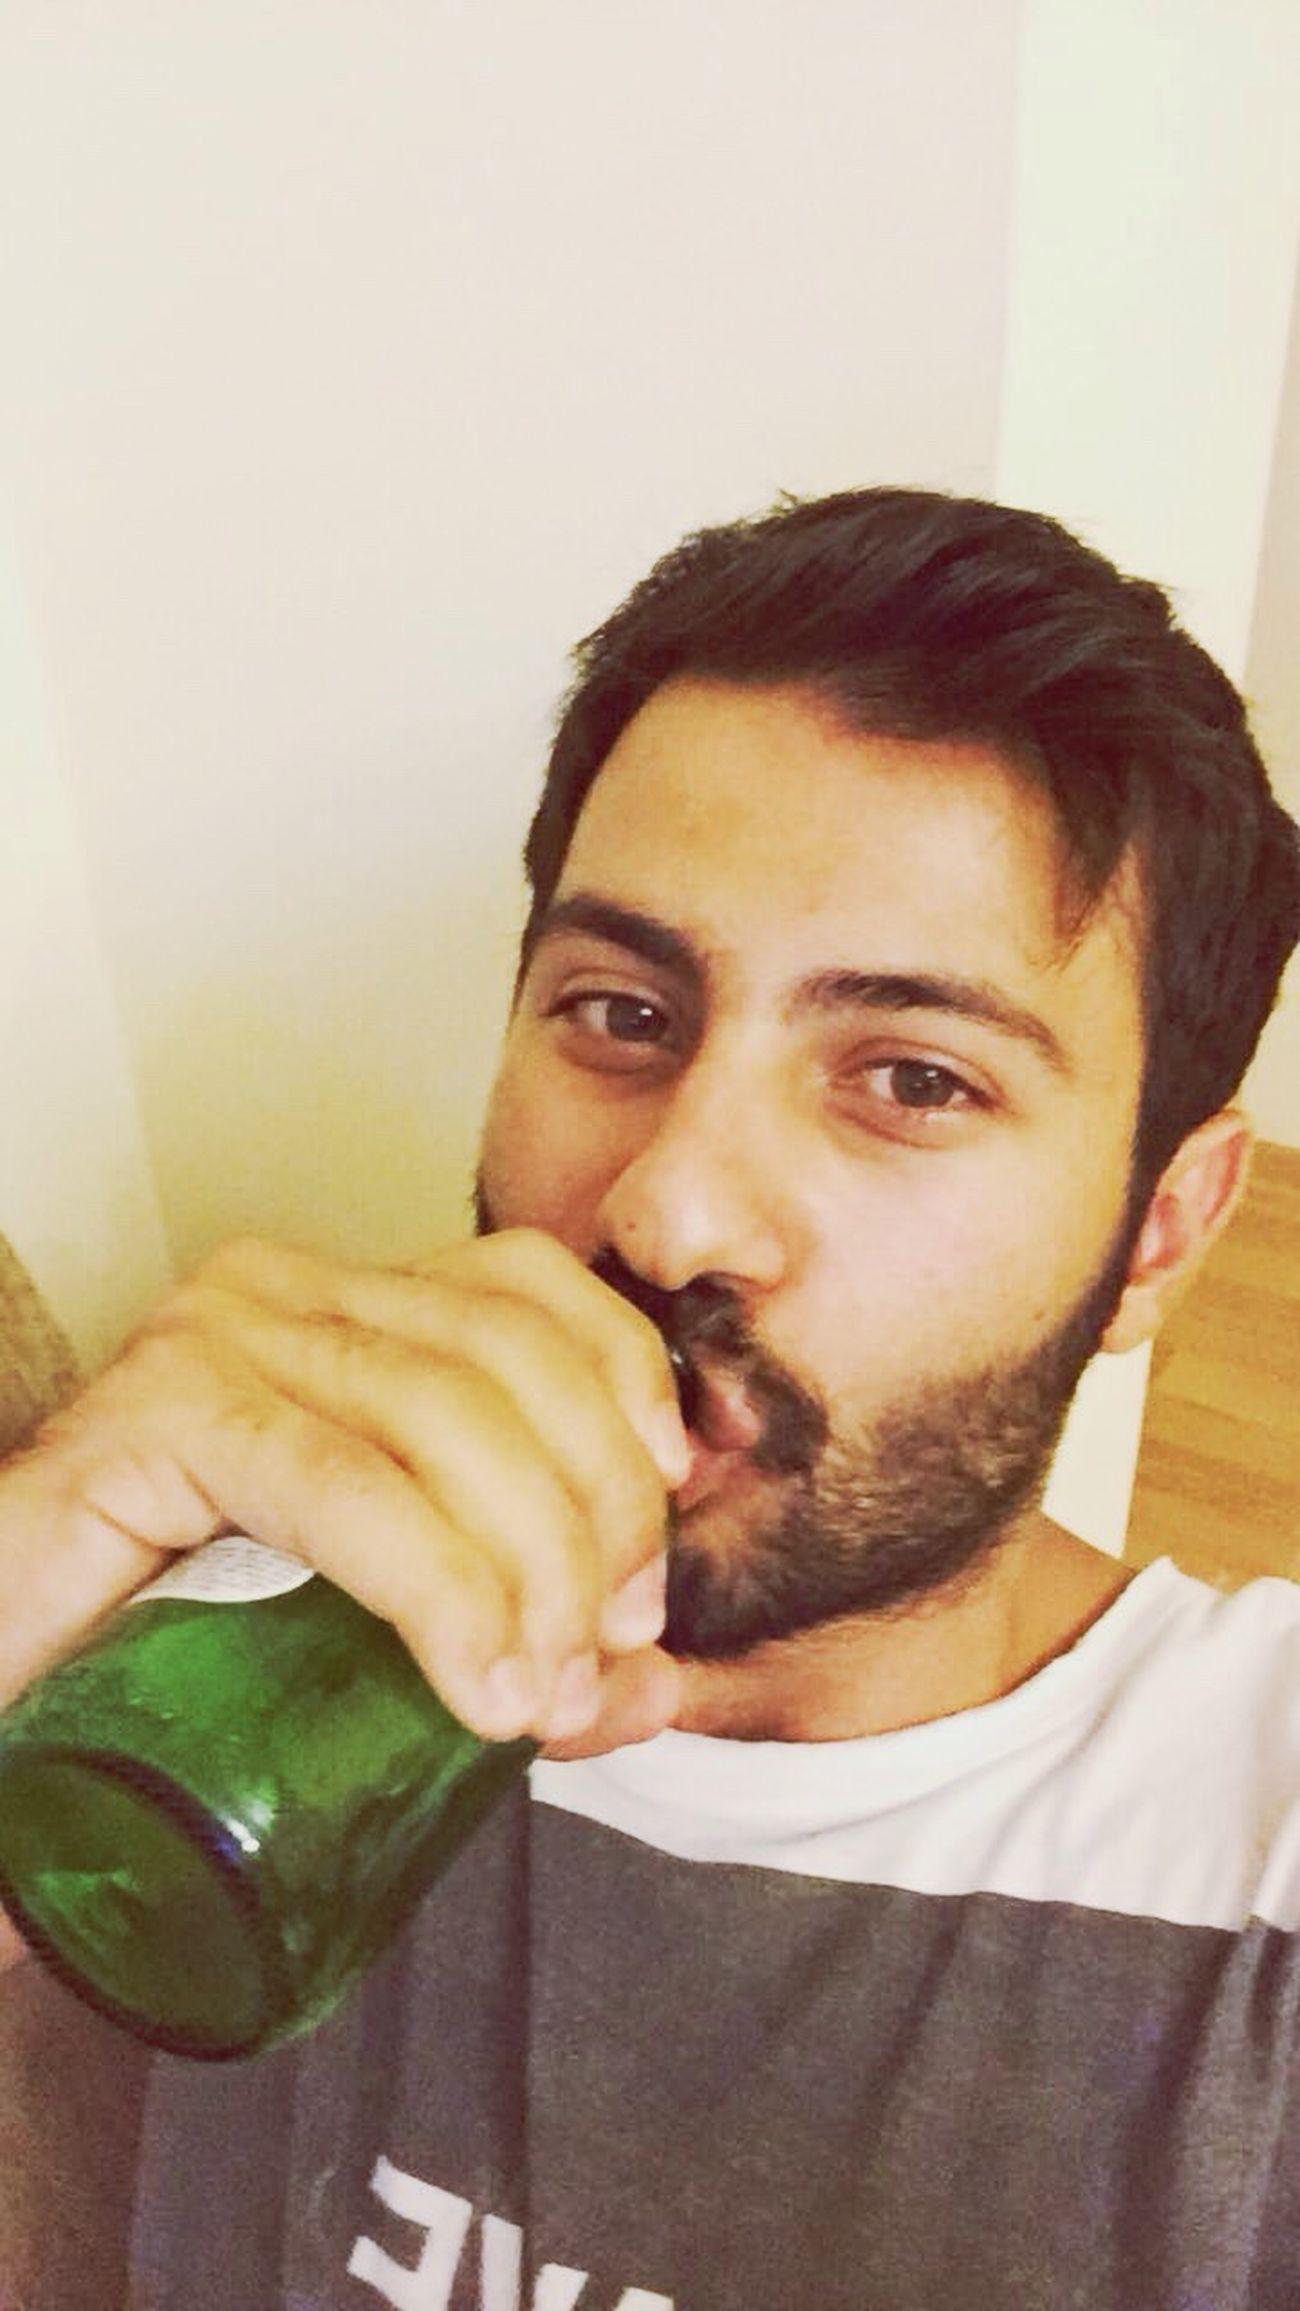 Real People Foodporn Drinking Kafalargüzel Sexyboy Day